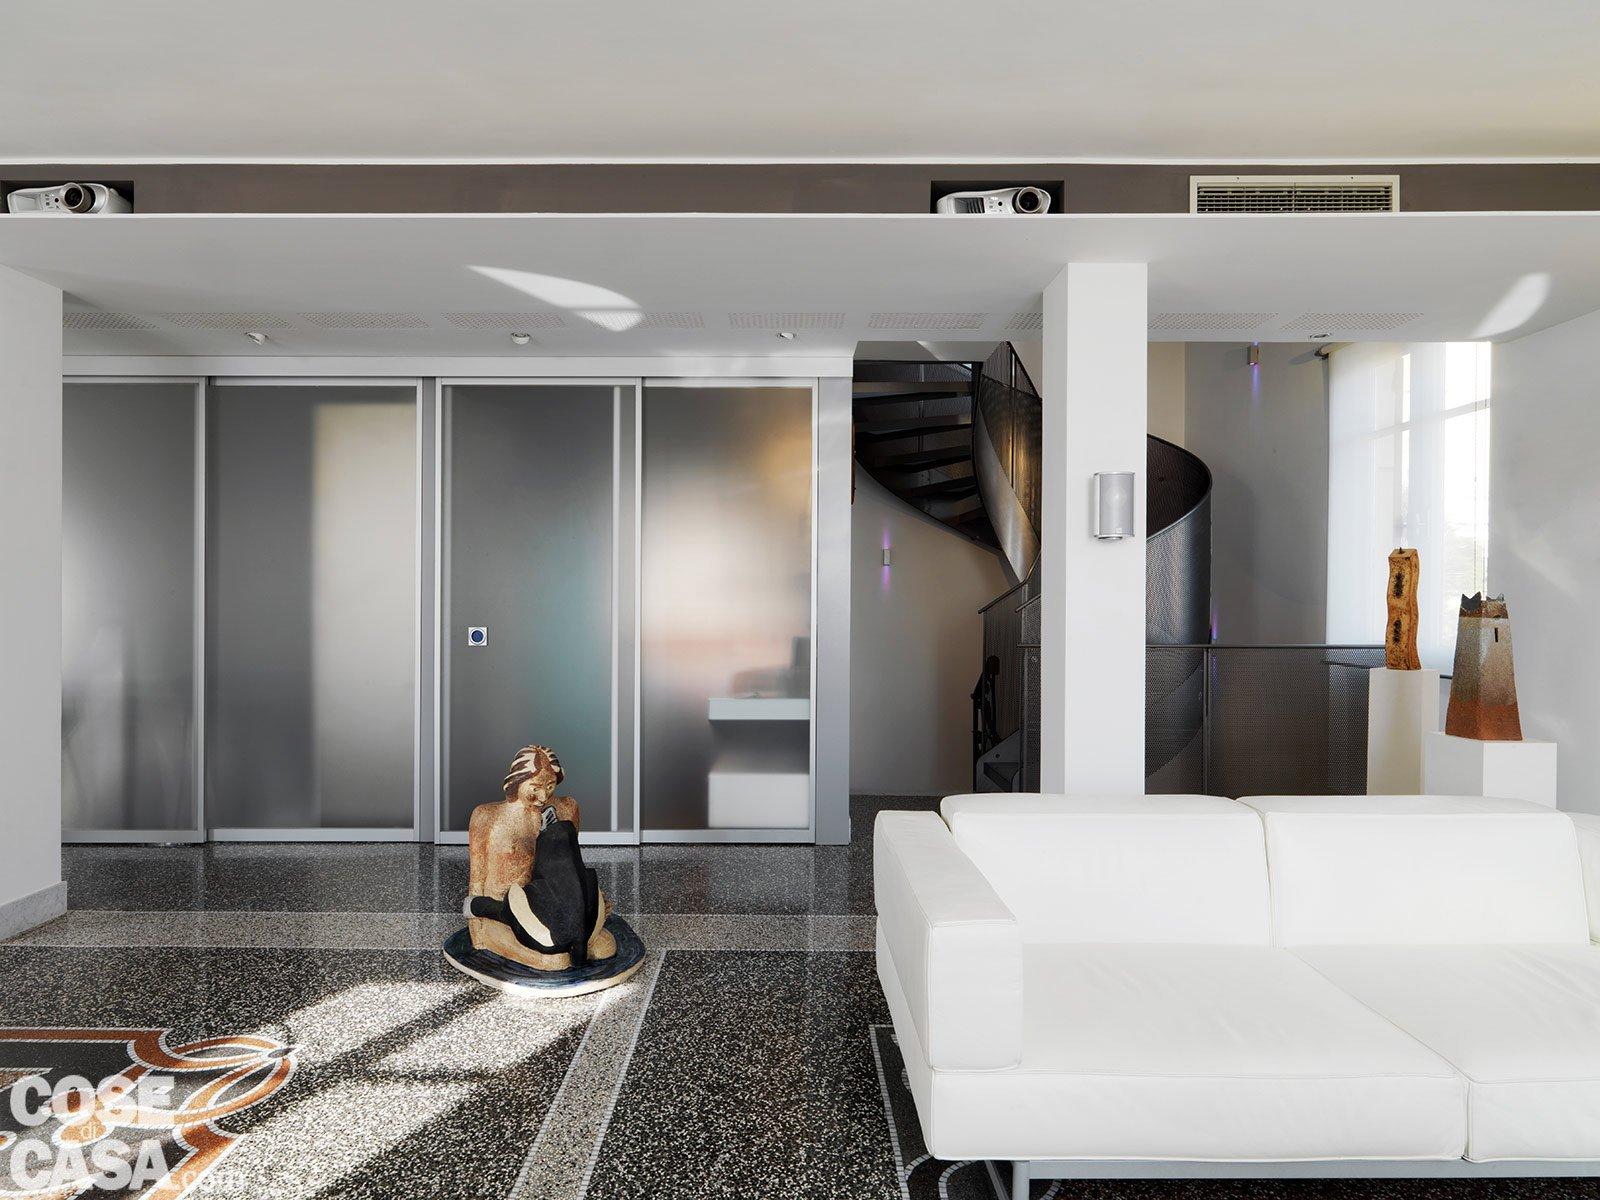 Casa soluzioni hi tech per interni anni 39 30 cose di casa for Interni casa moderna